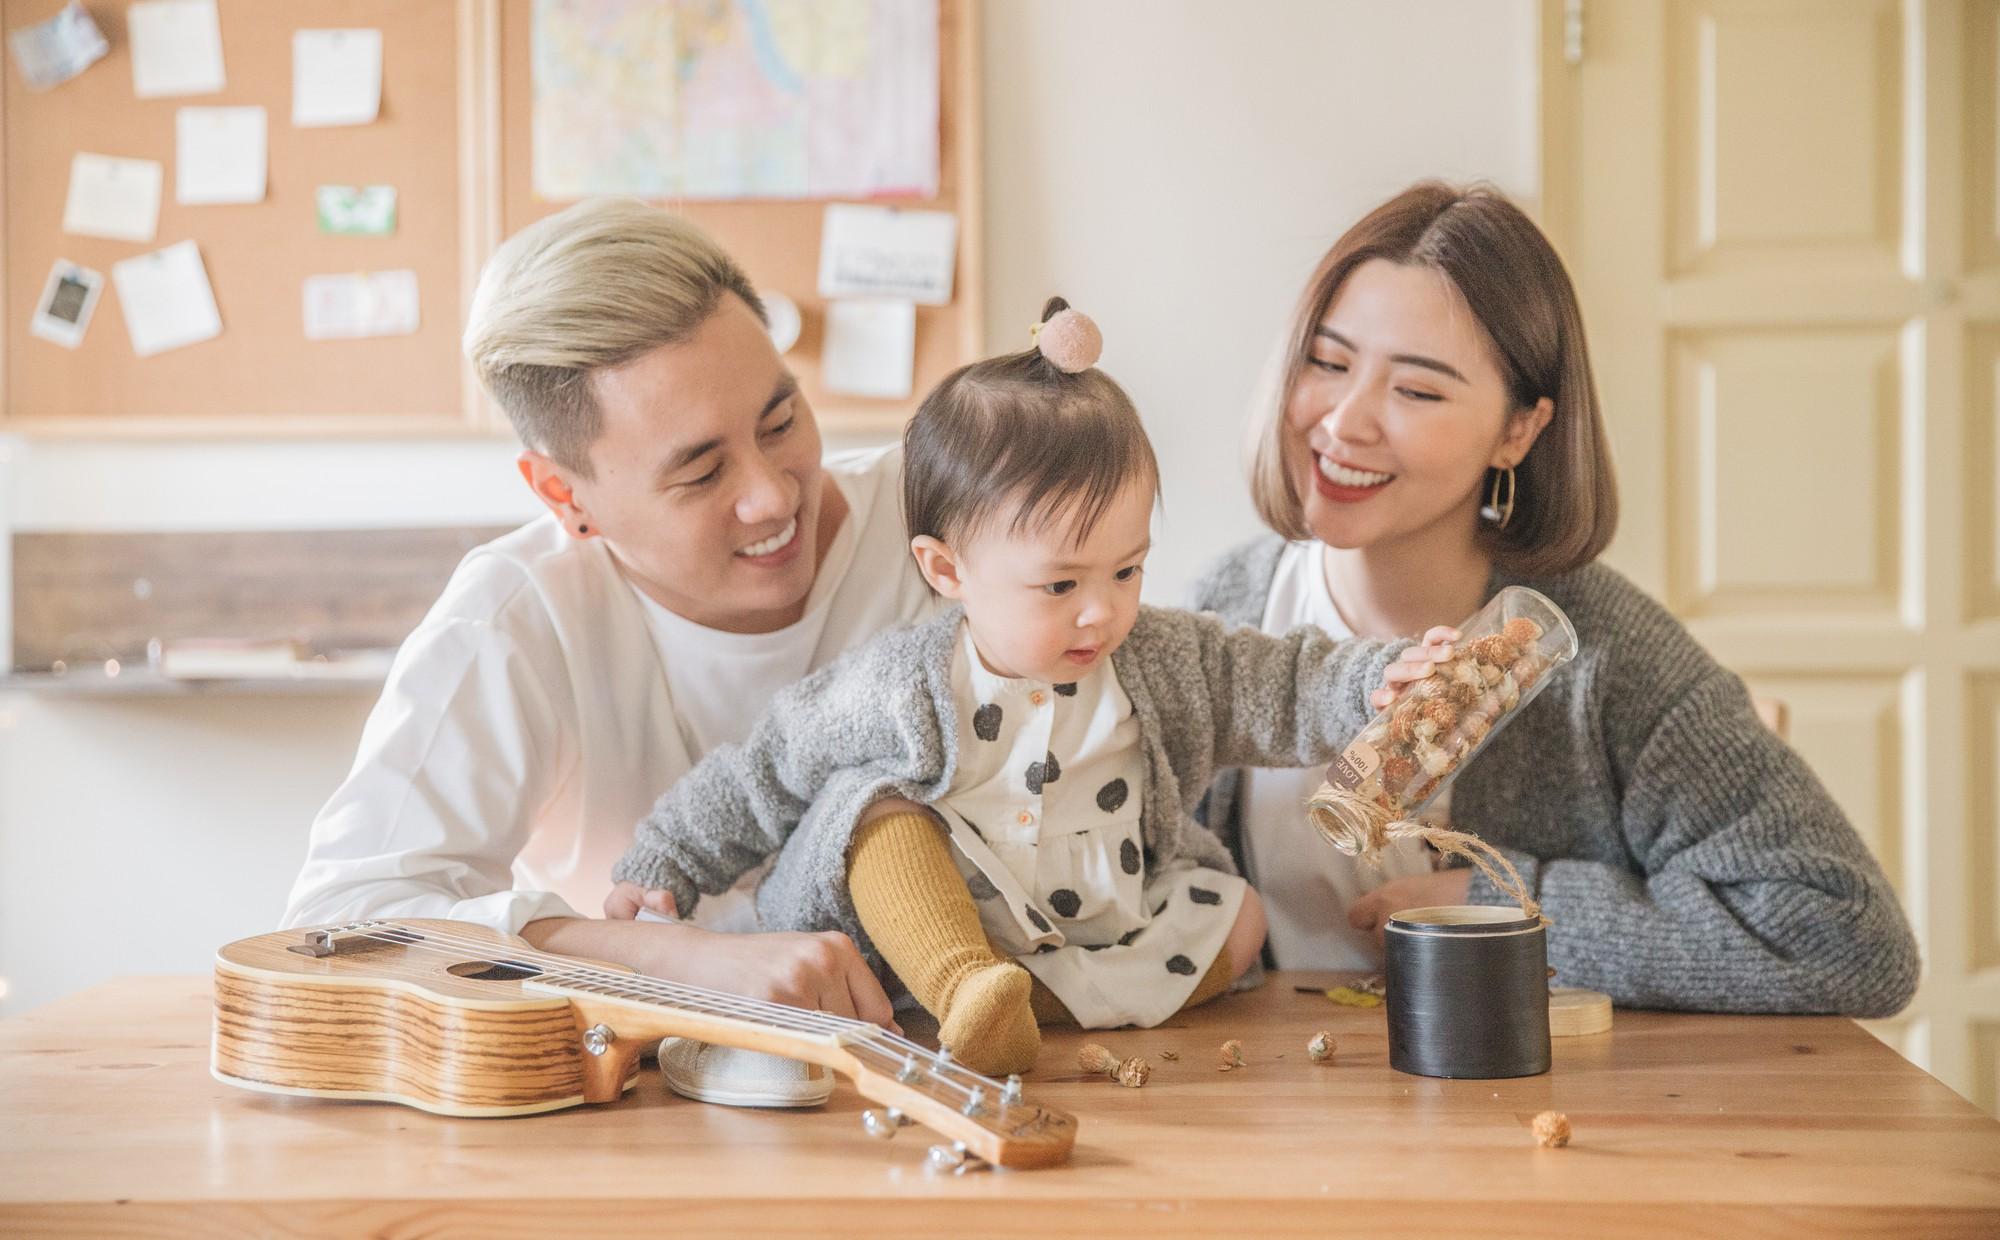 Gia đình là môi trường xã hội đầu tiên và gắn bó suốt đời mỗi đứa trẻ